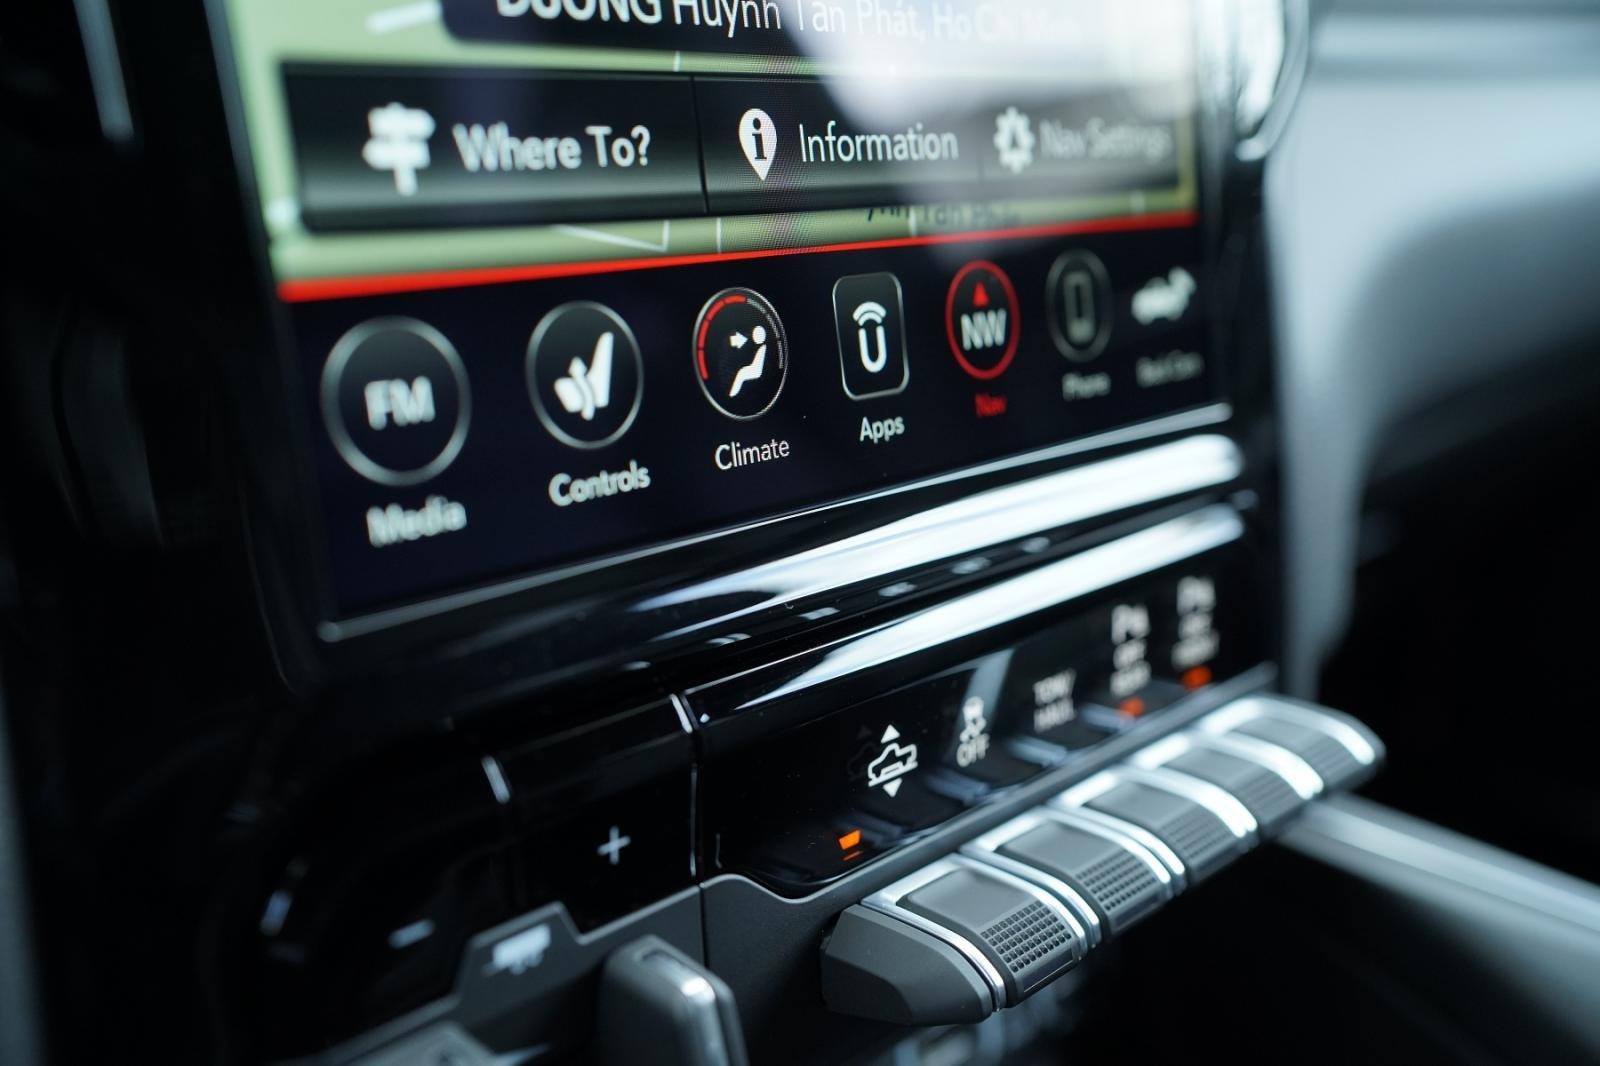 Hệ thống giải trí trên xe RAM 1500Laramie Night Edition. 1